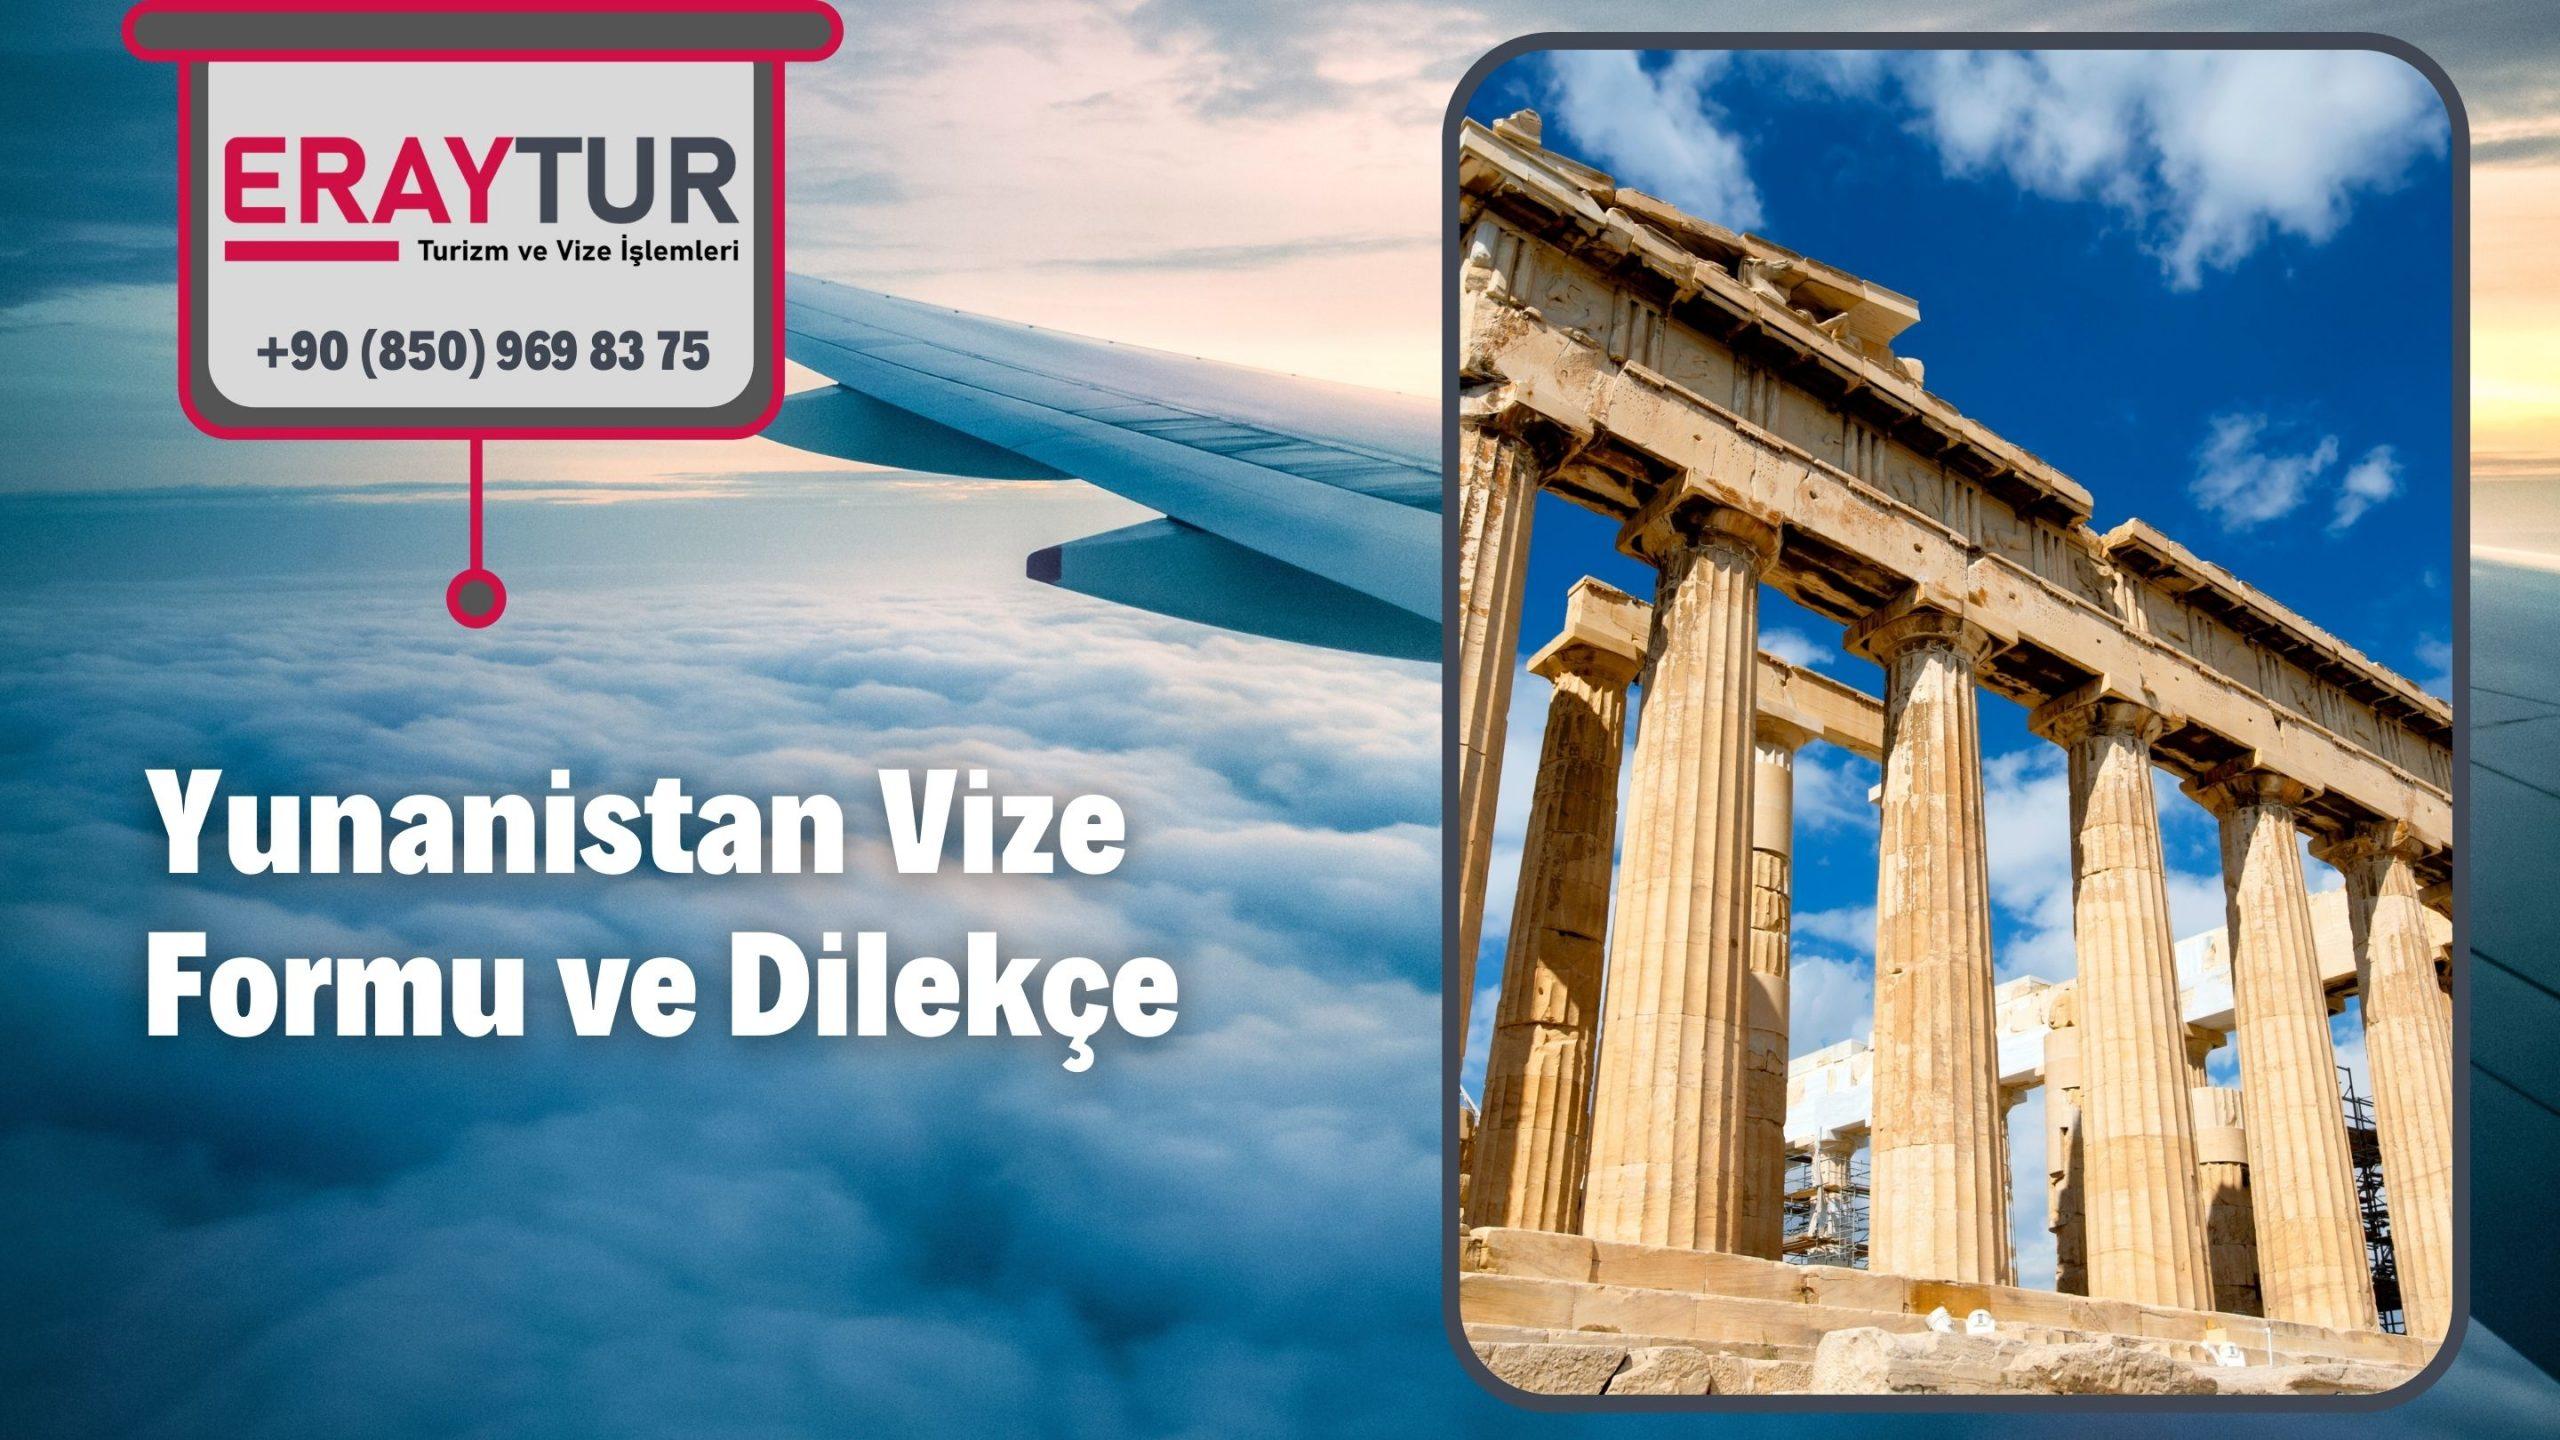 Yunanistan Vize Formu ve Dilekçe 1 – yunanistan vize formu ve dilekce 1 scaled